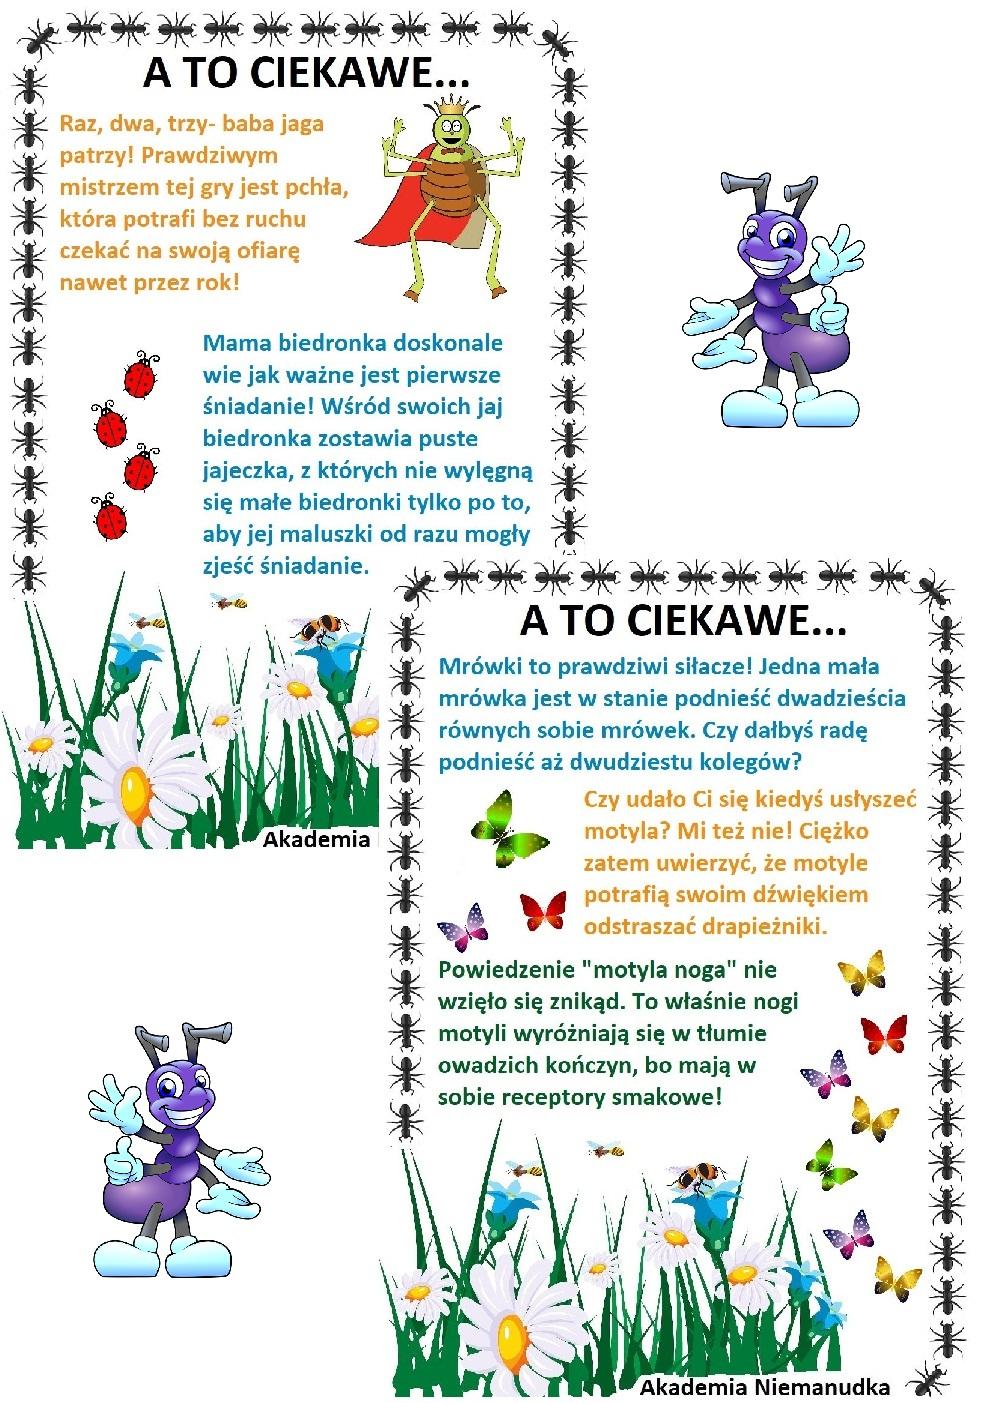 robaki, co wiesz o, czy wiesz że, ciekawe fakty o owadach